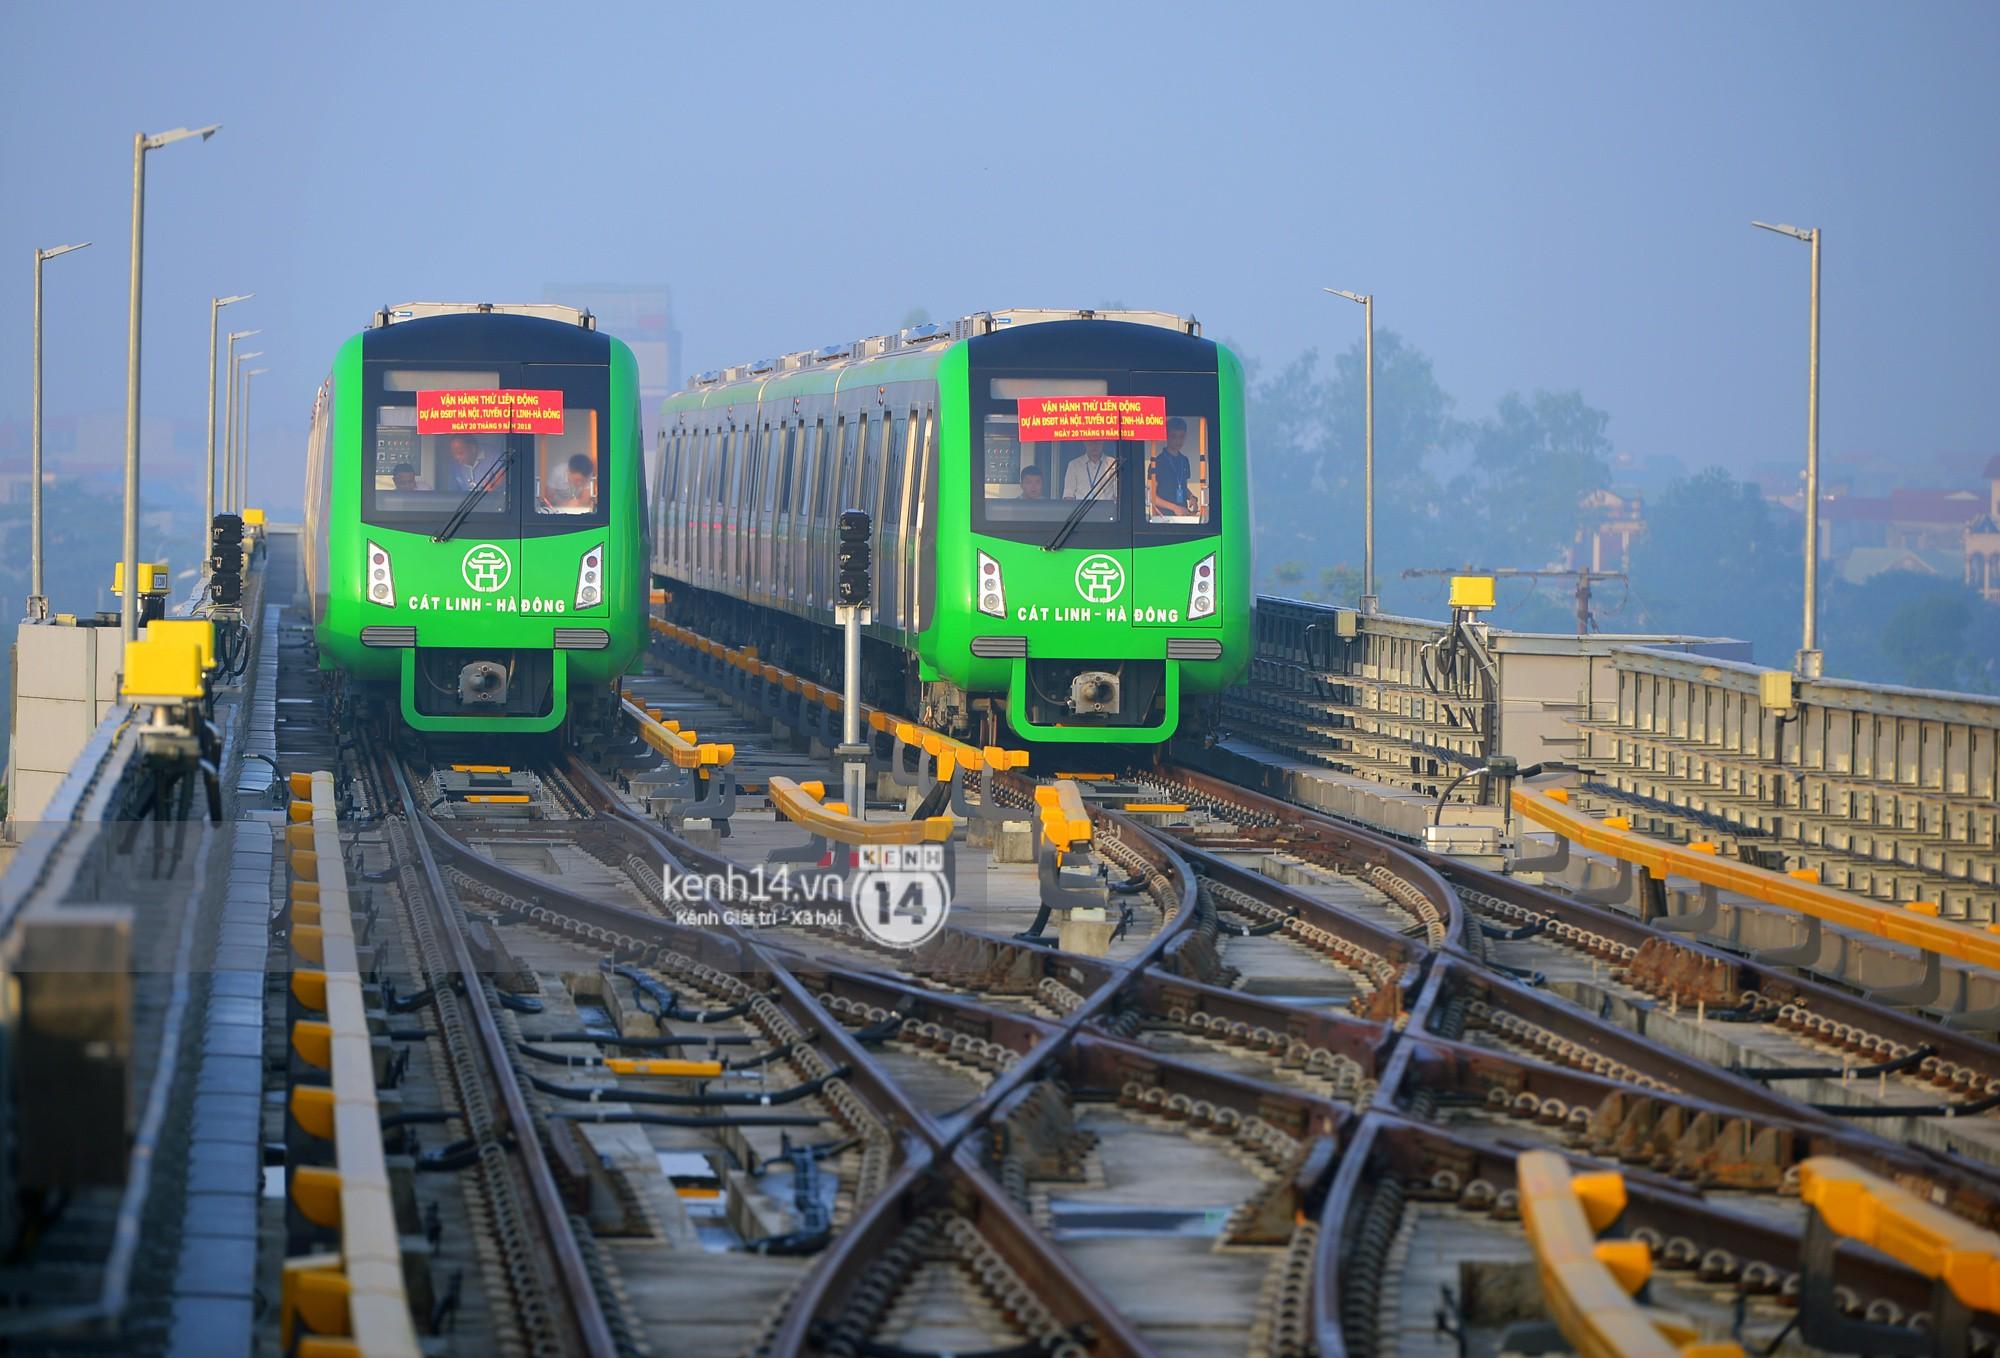 Trải nghiệm tàu đường sắt trên cao Cát Linh - Hà Đông ngày chạy thử- Ảnh 2.